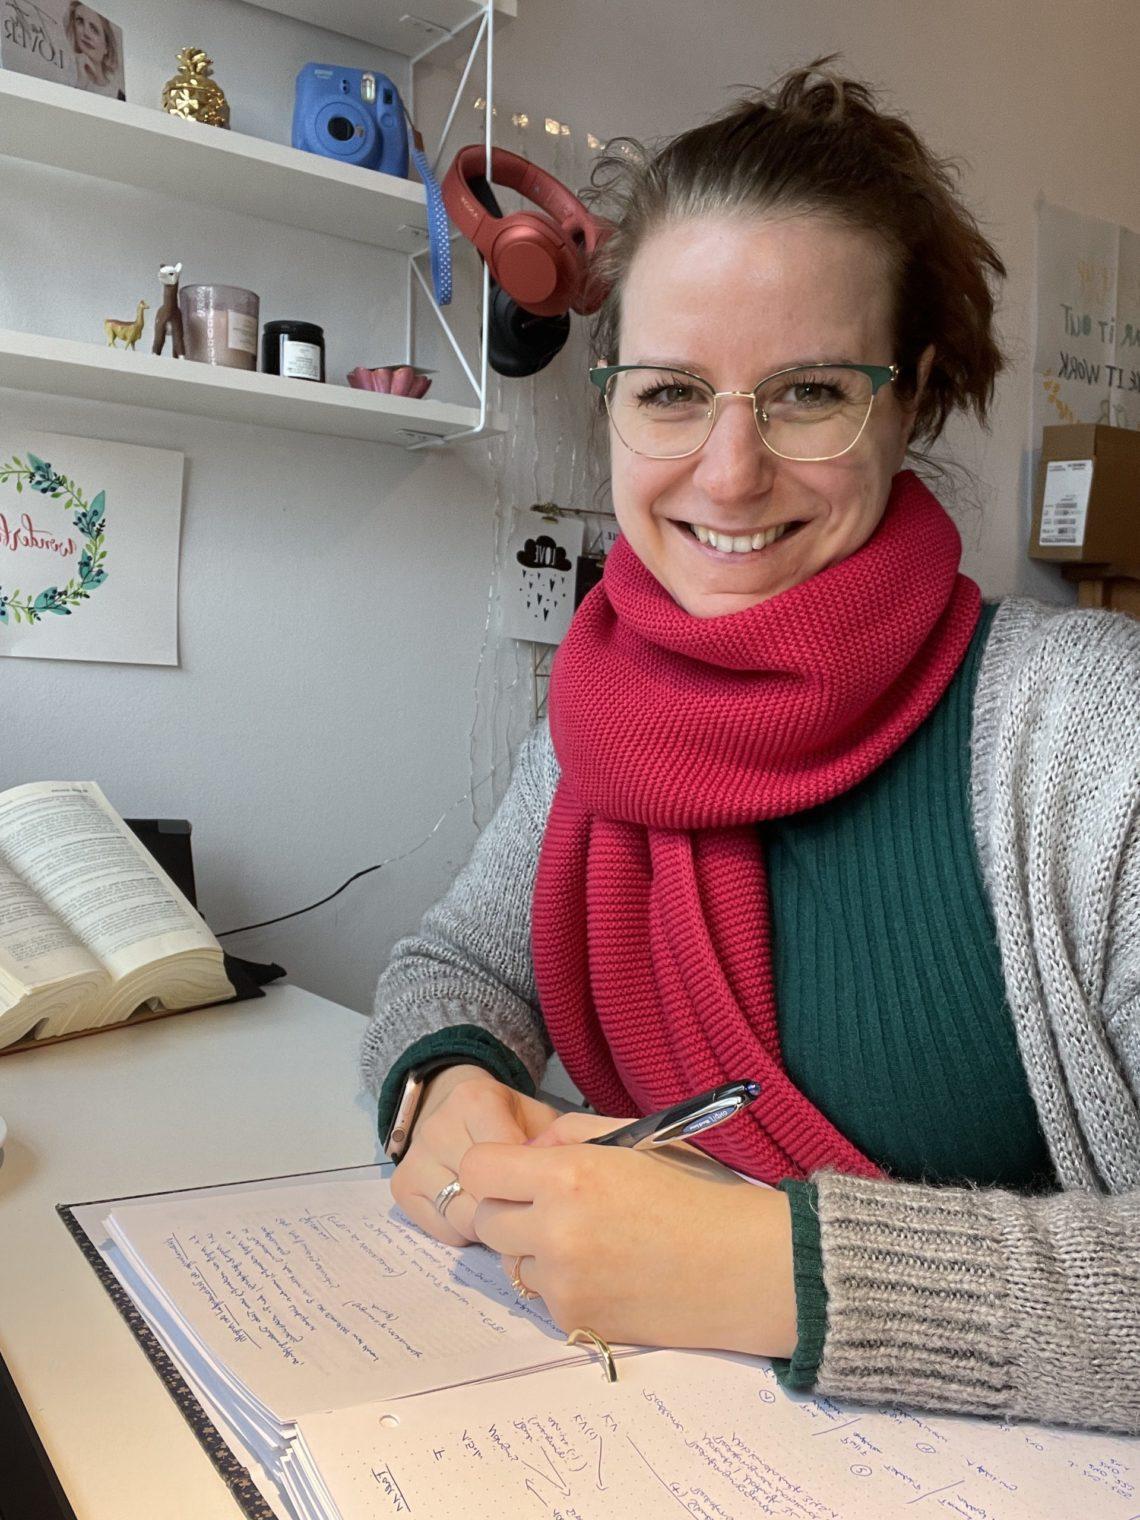 Jurastudentin am Schreibtisch